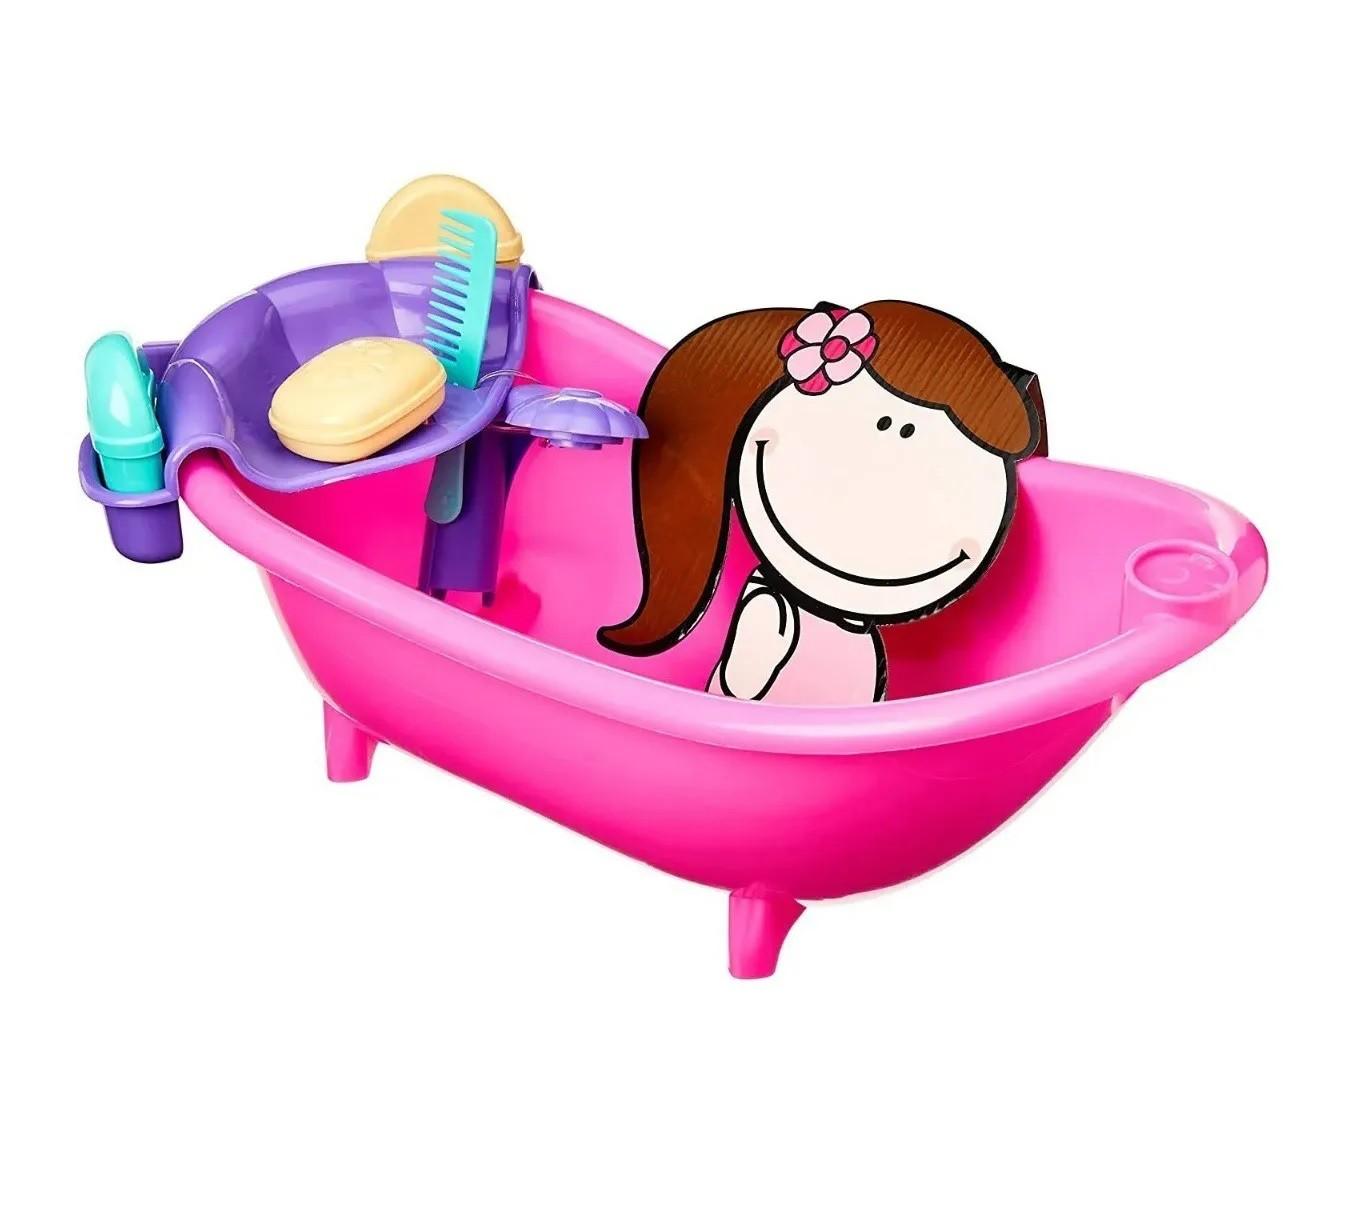 Banheira de Boneca Coleção Pitica Banho de Espuma - Tilin Brinquedos